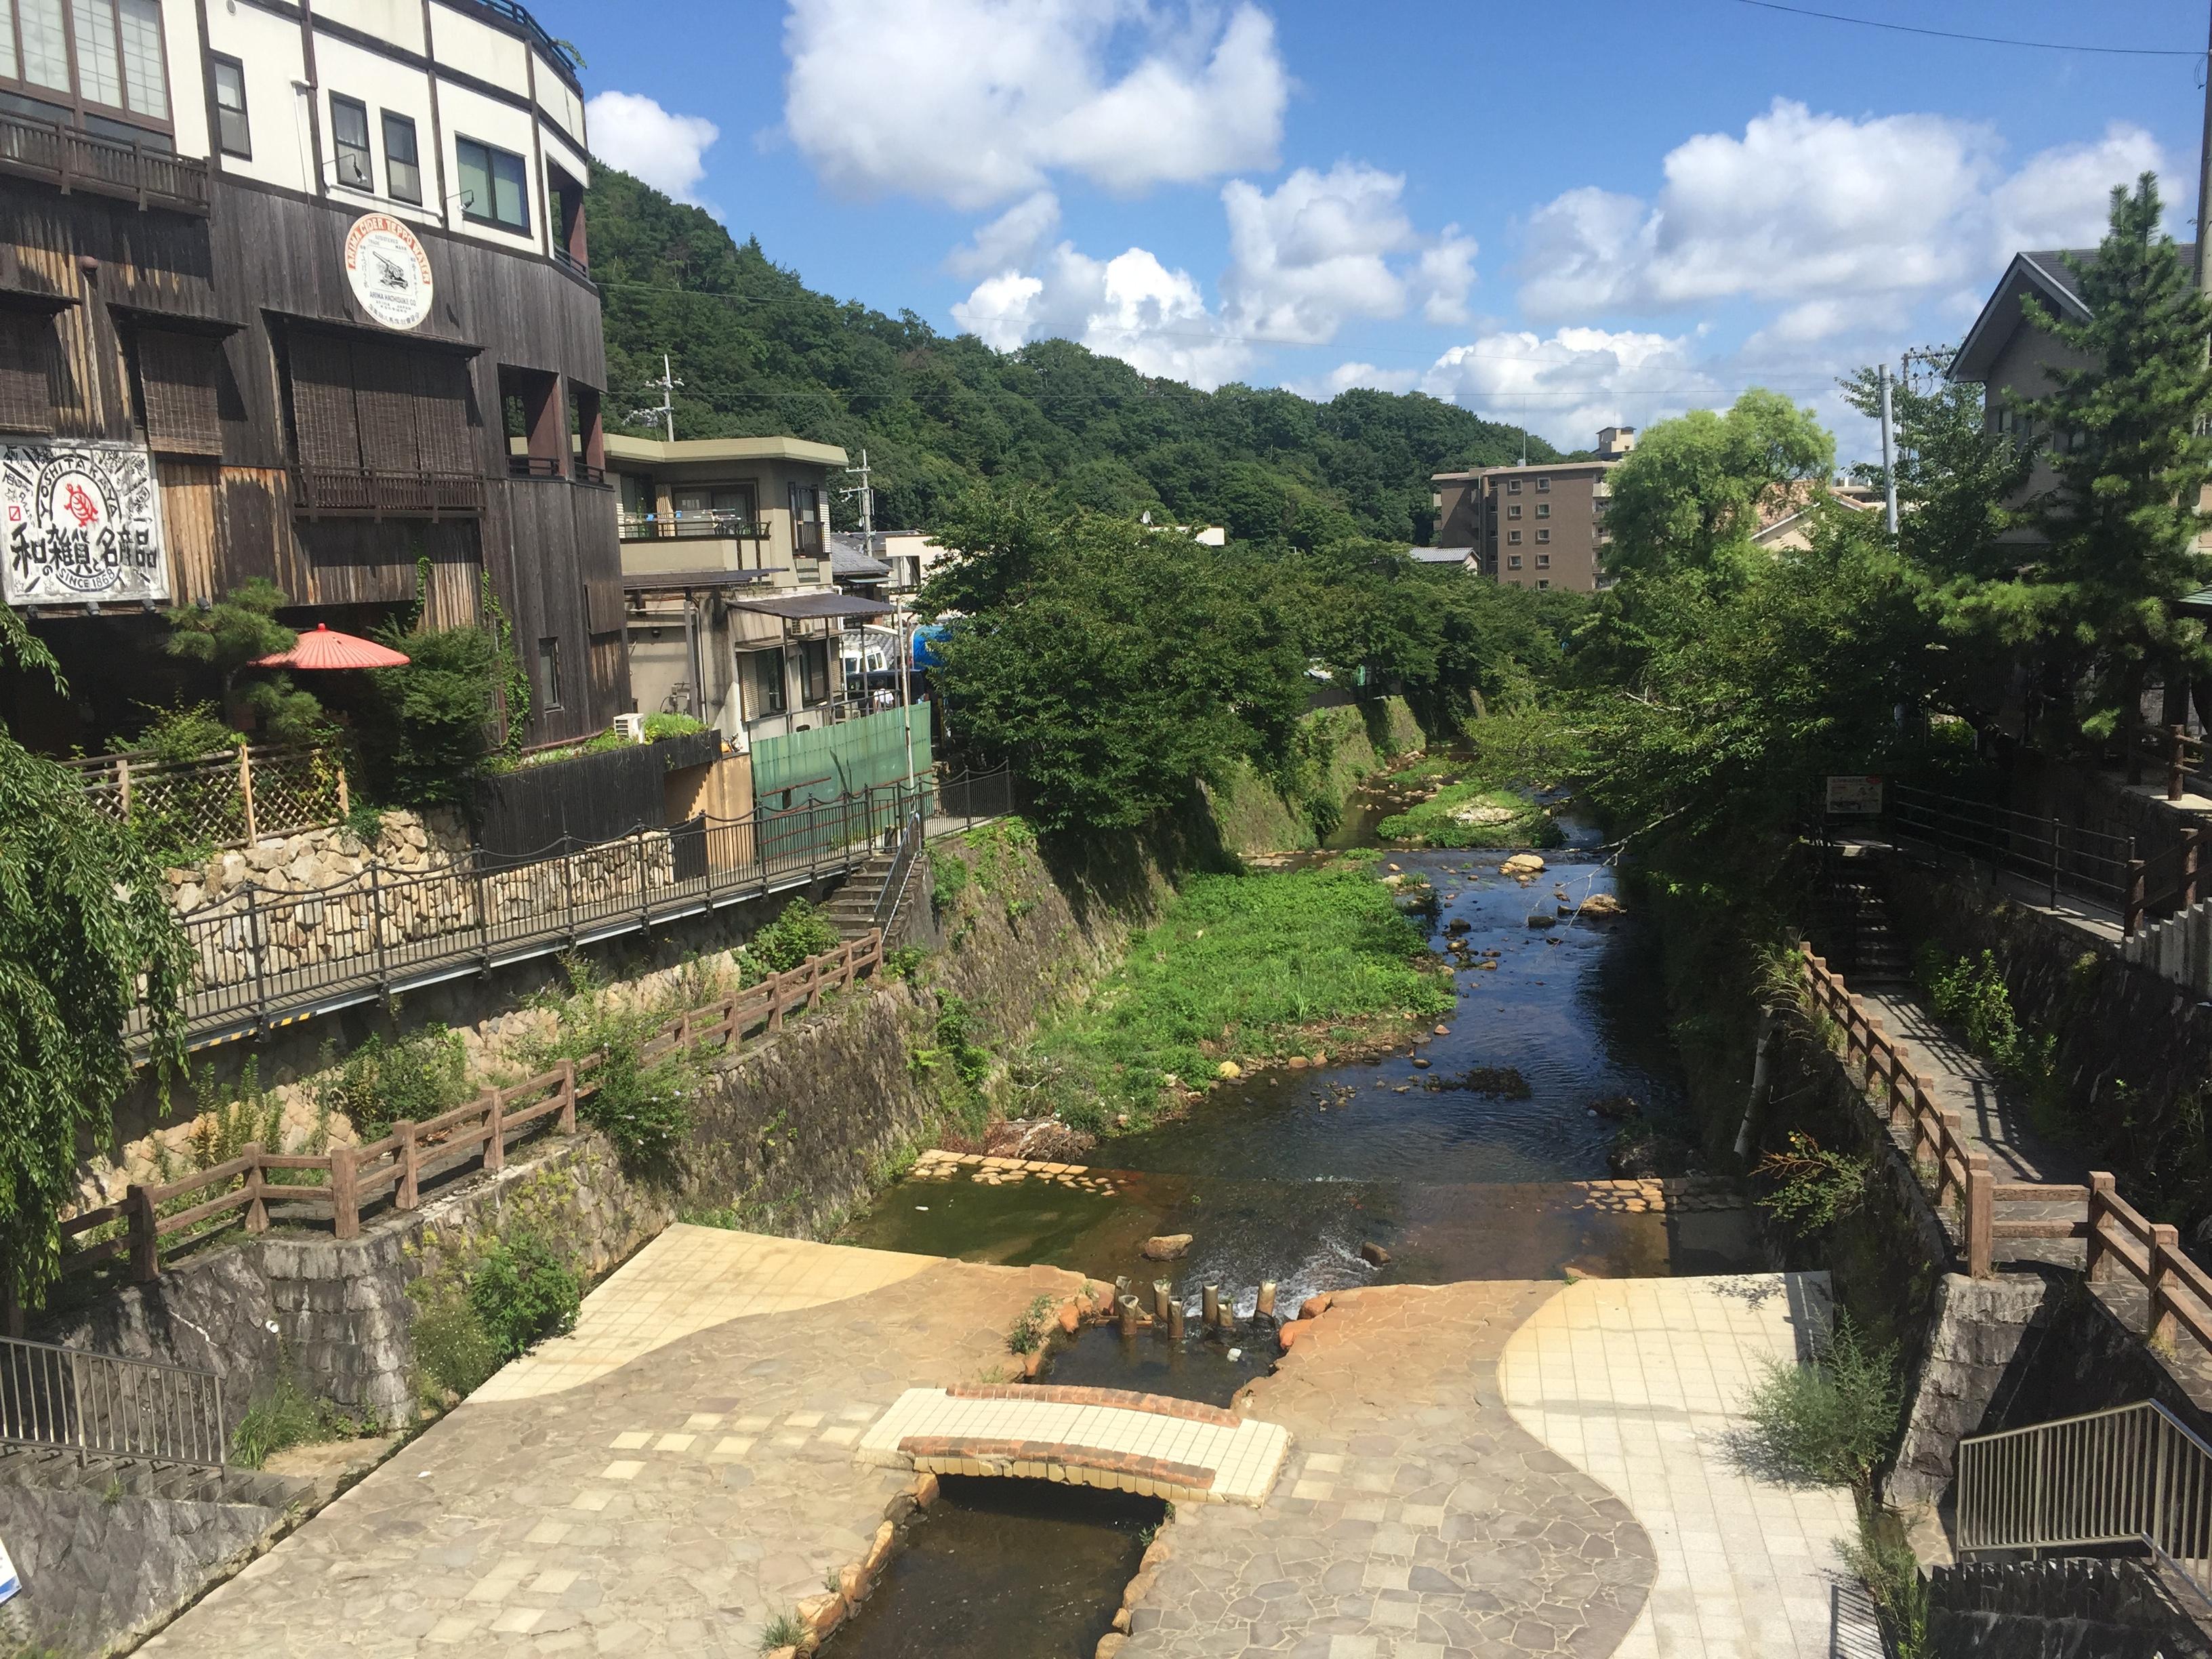 神戸・北区の有馬温泉は、ぶらりと日帰り散策におすすめだよ【※写真レポあり】 #有馬温泉 #北区